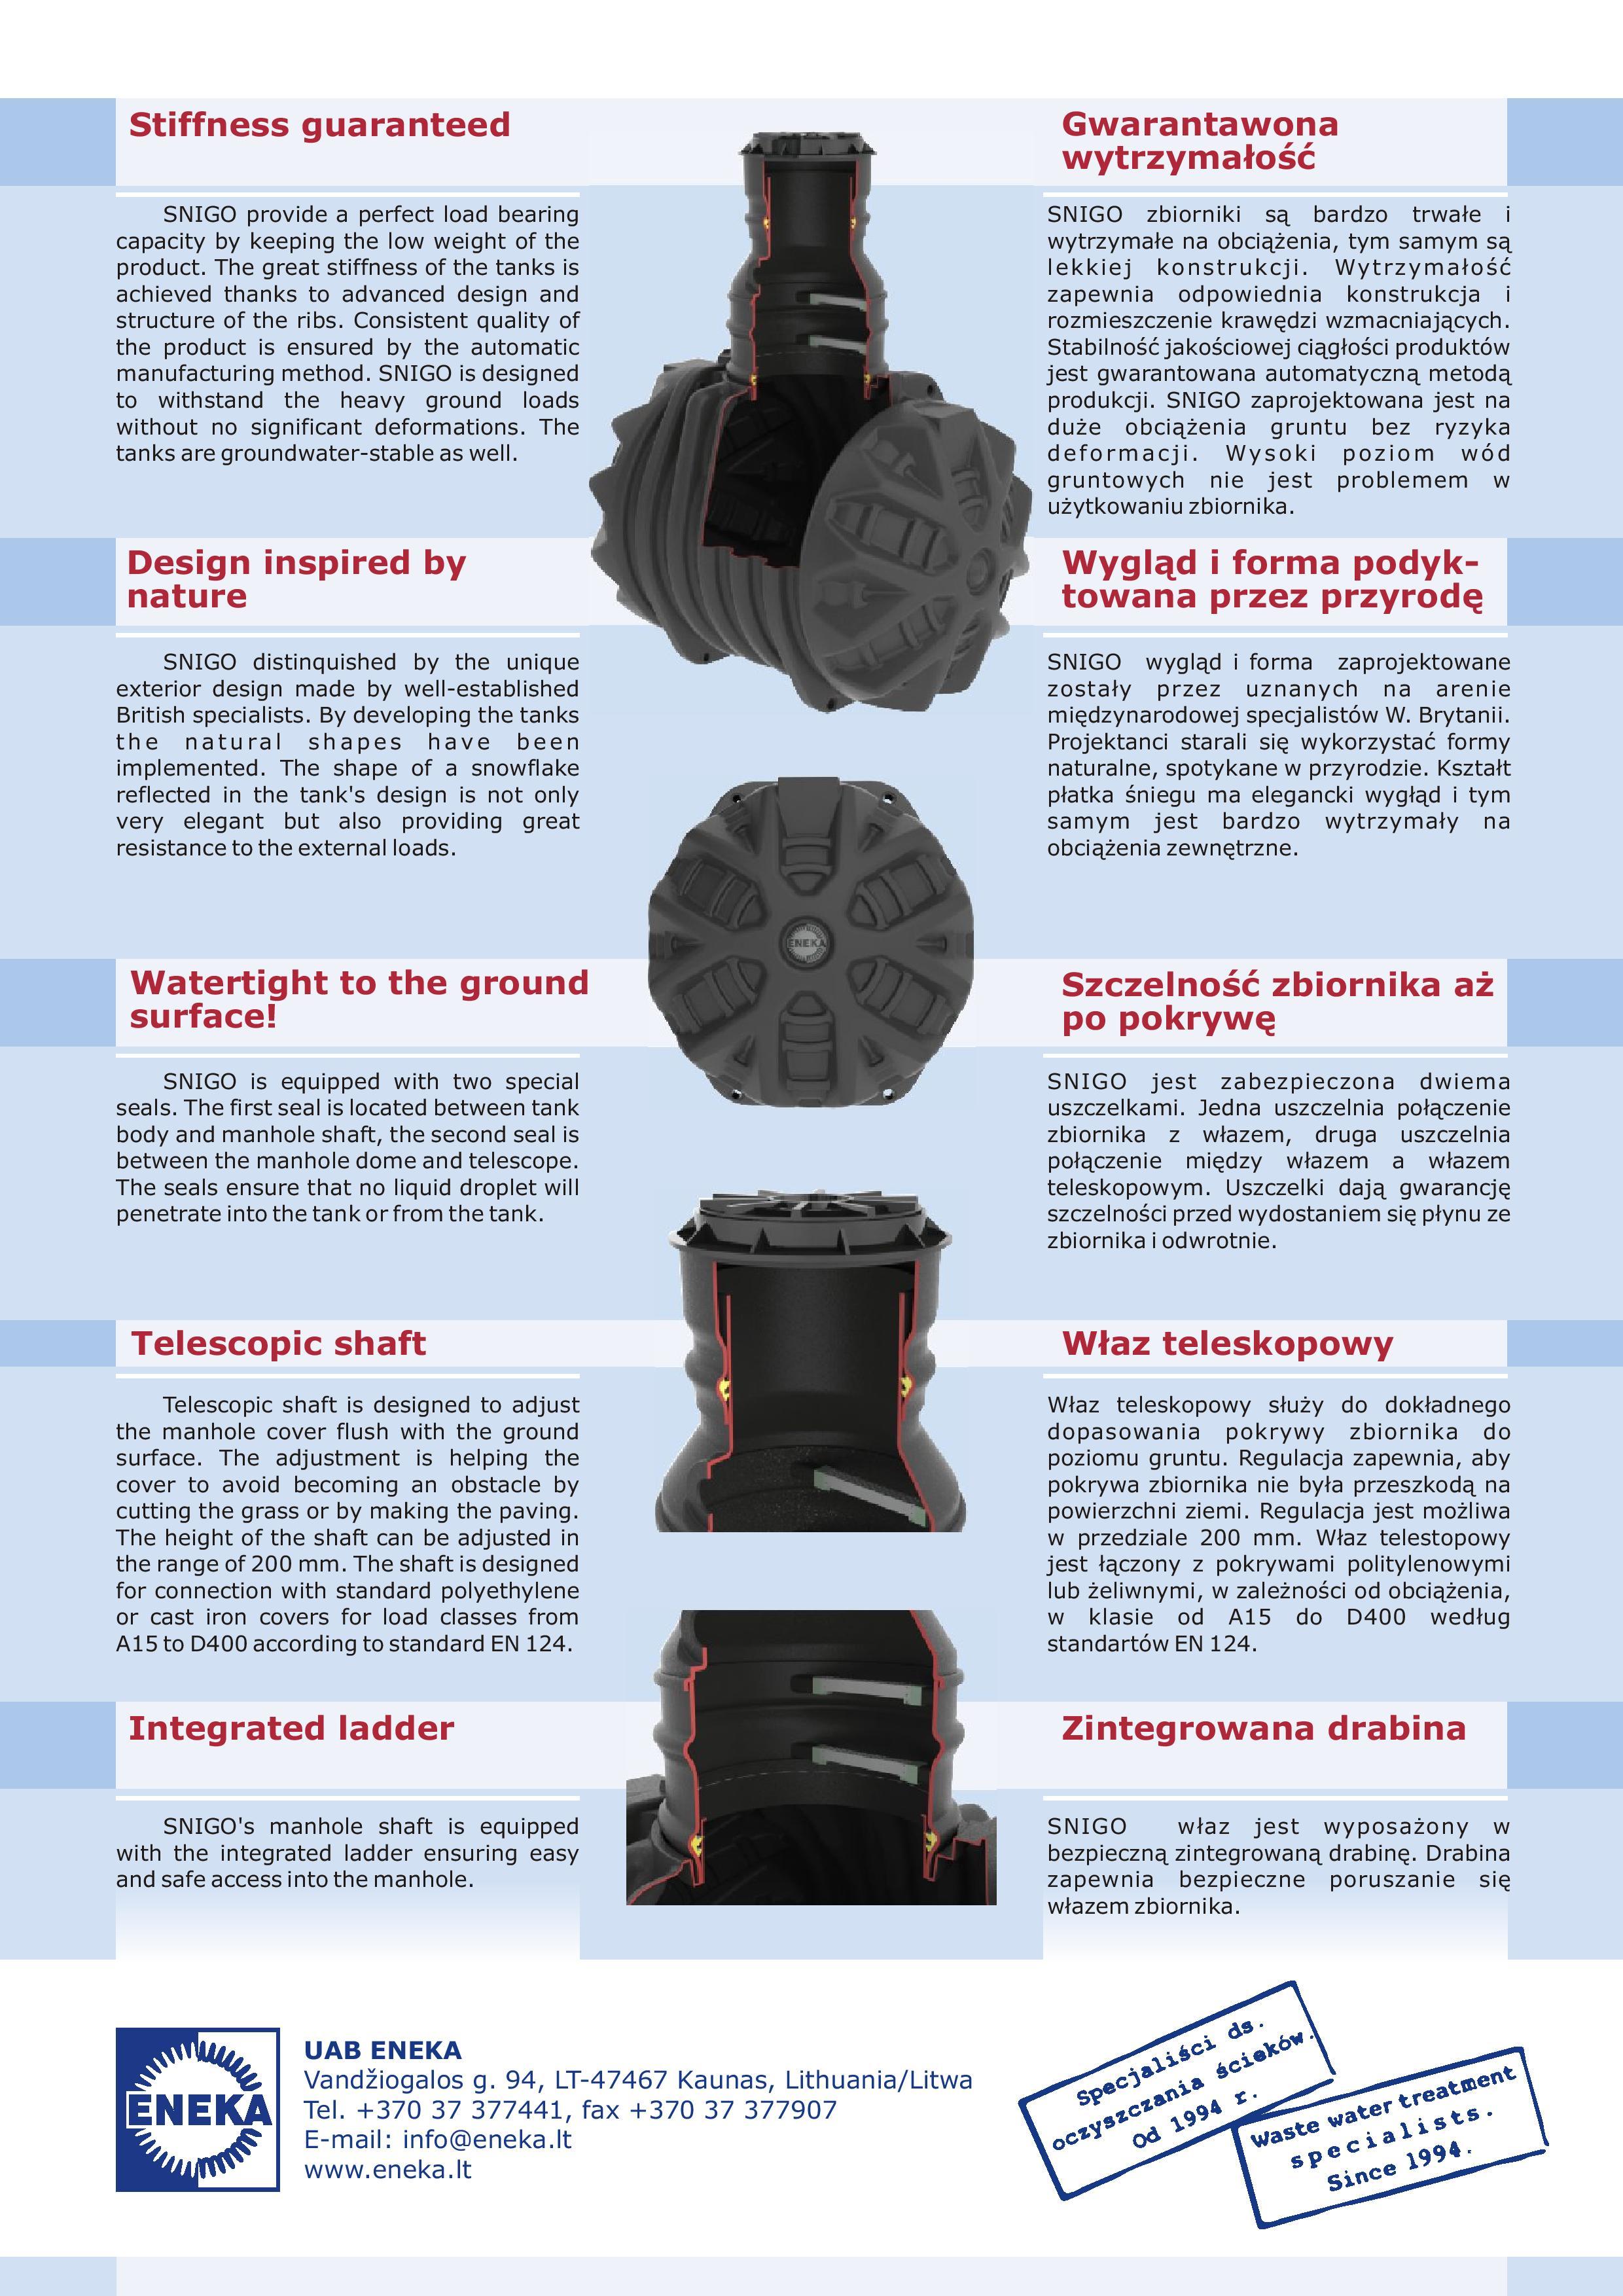 SNIGO_brochure_ENG-PL-page-004